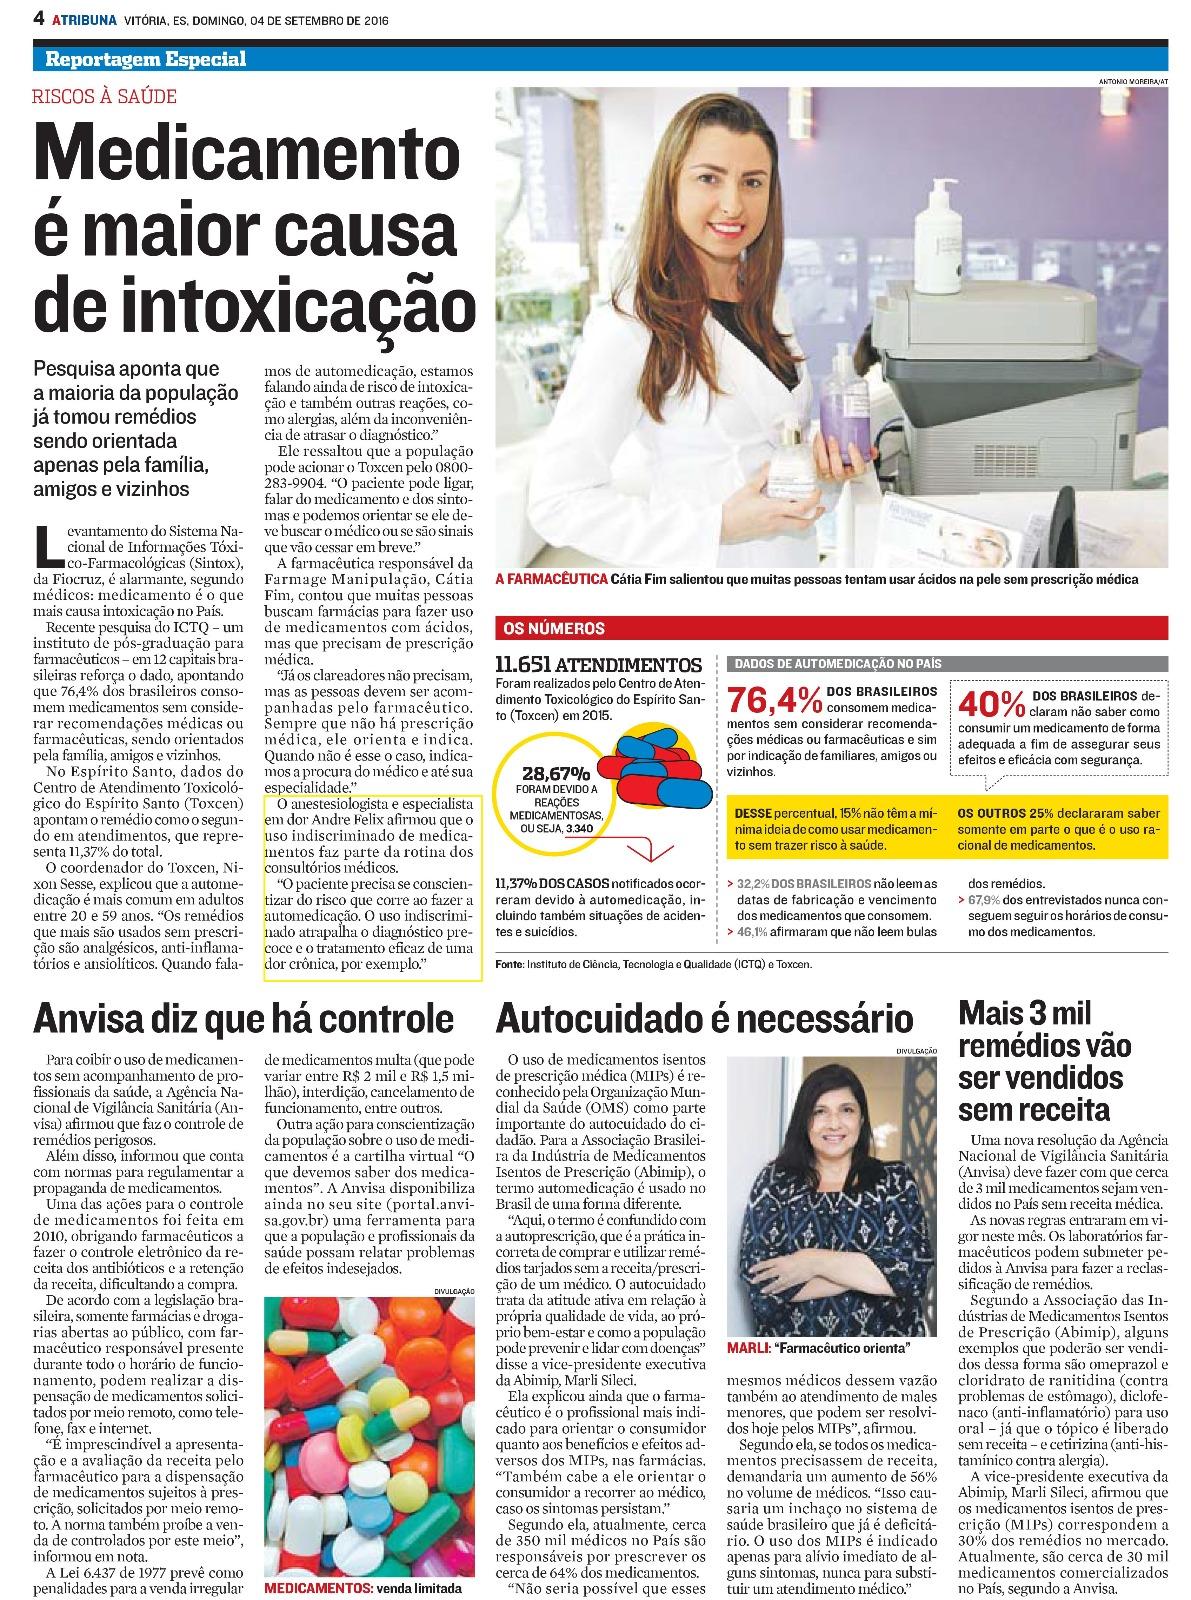 Dr. André Felix em matéria para Jornal Gazeta